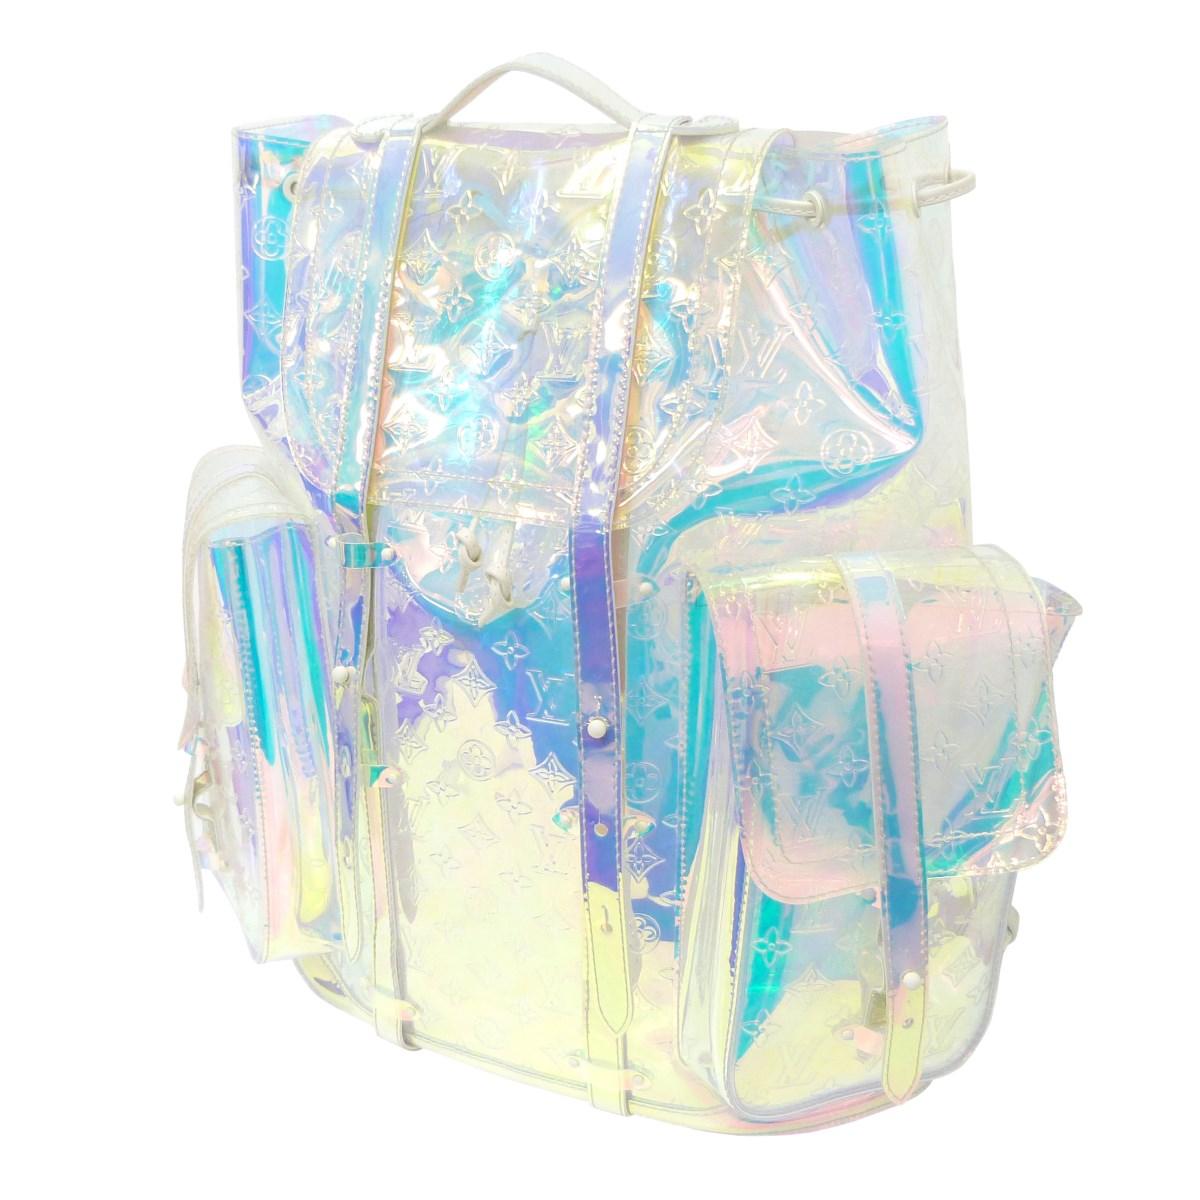 ルイヴィトン 中古 LOUIS 毎日続々入荷 VUITTON クリストファーGM 品質保証 Christopher Prism クリア 030821 サイズ:- バックパック Backpack